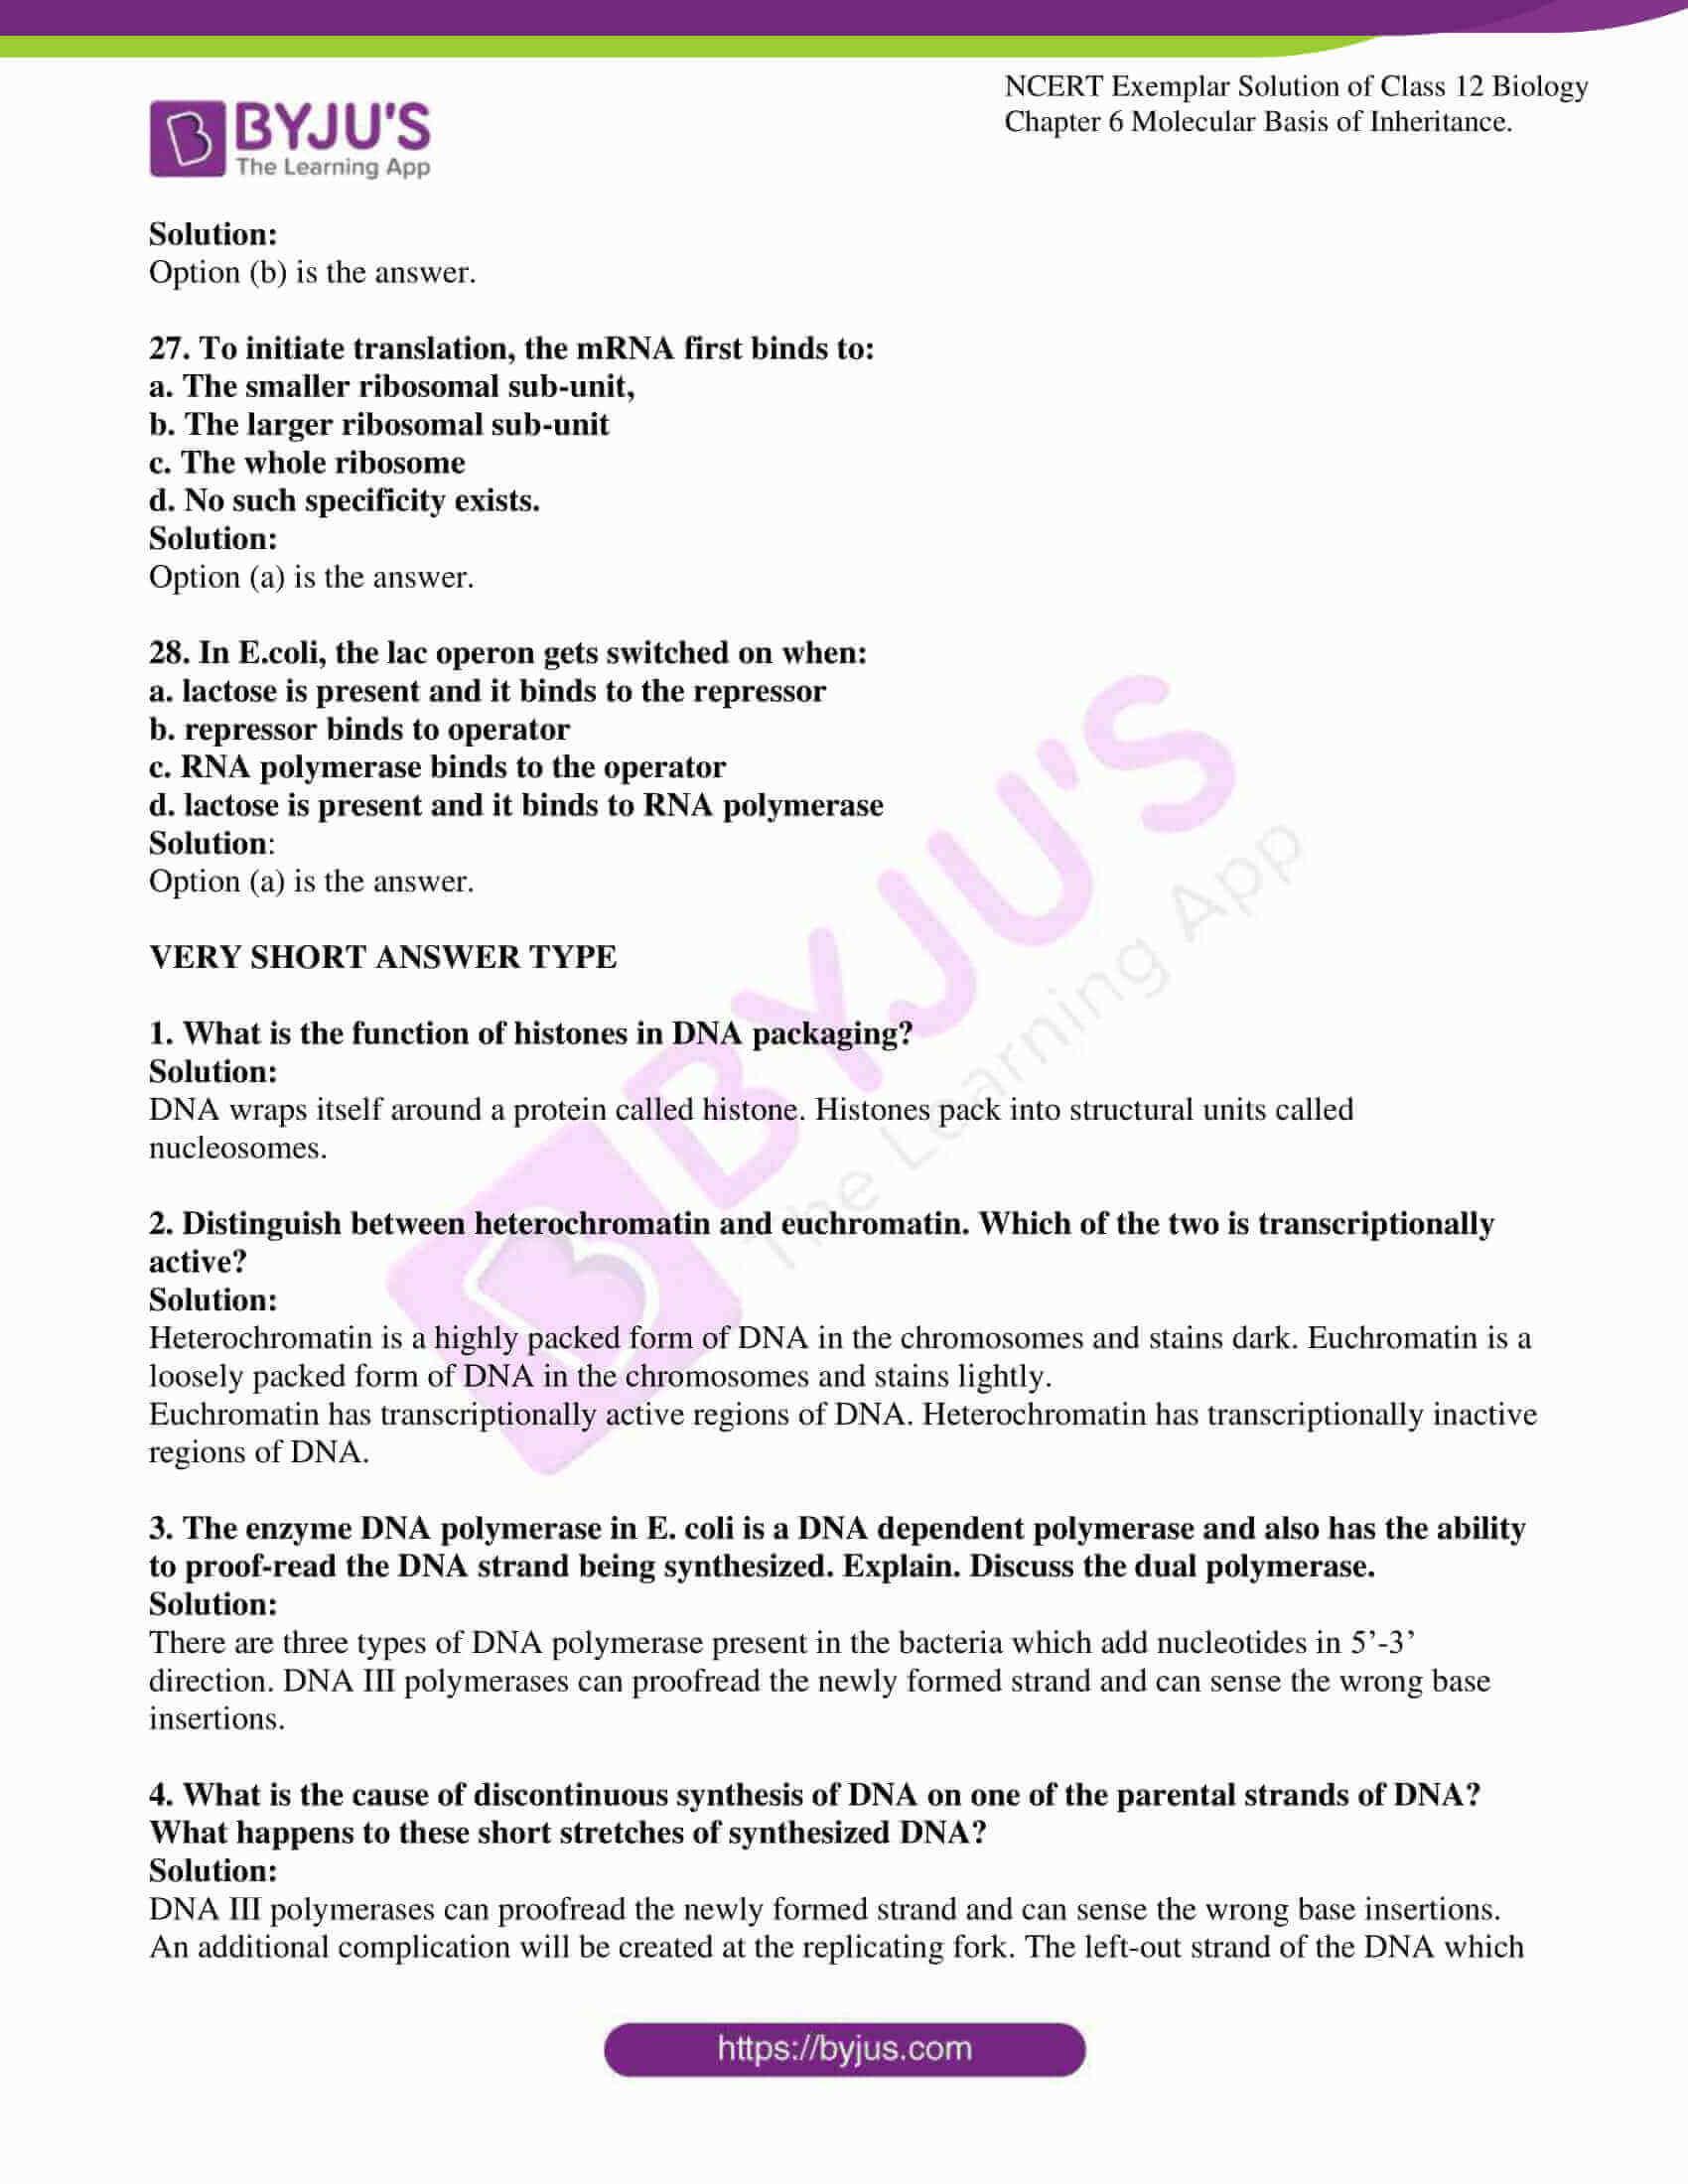 ncert exemplar solution of class 12 biology chapter 6 06